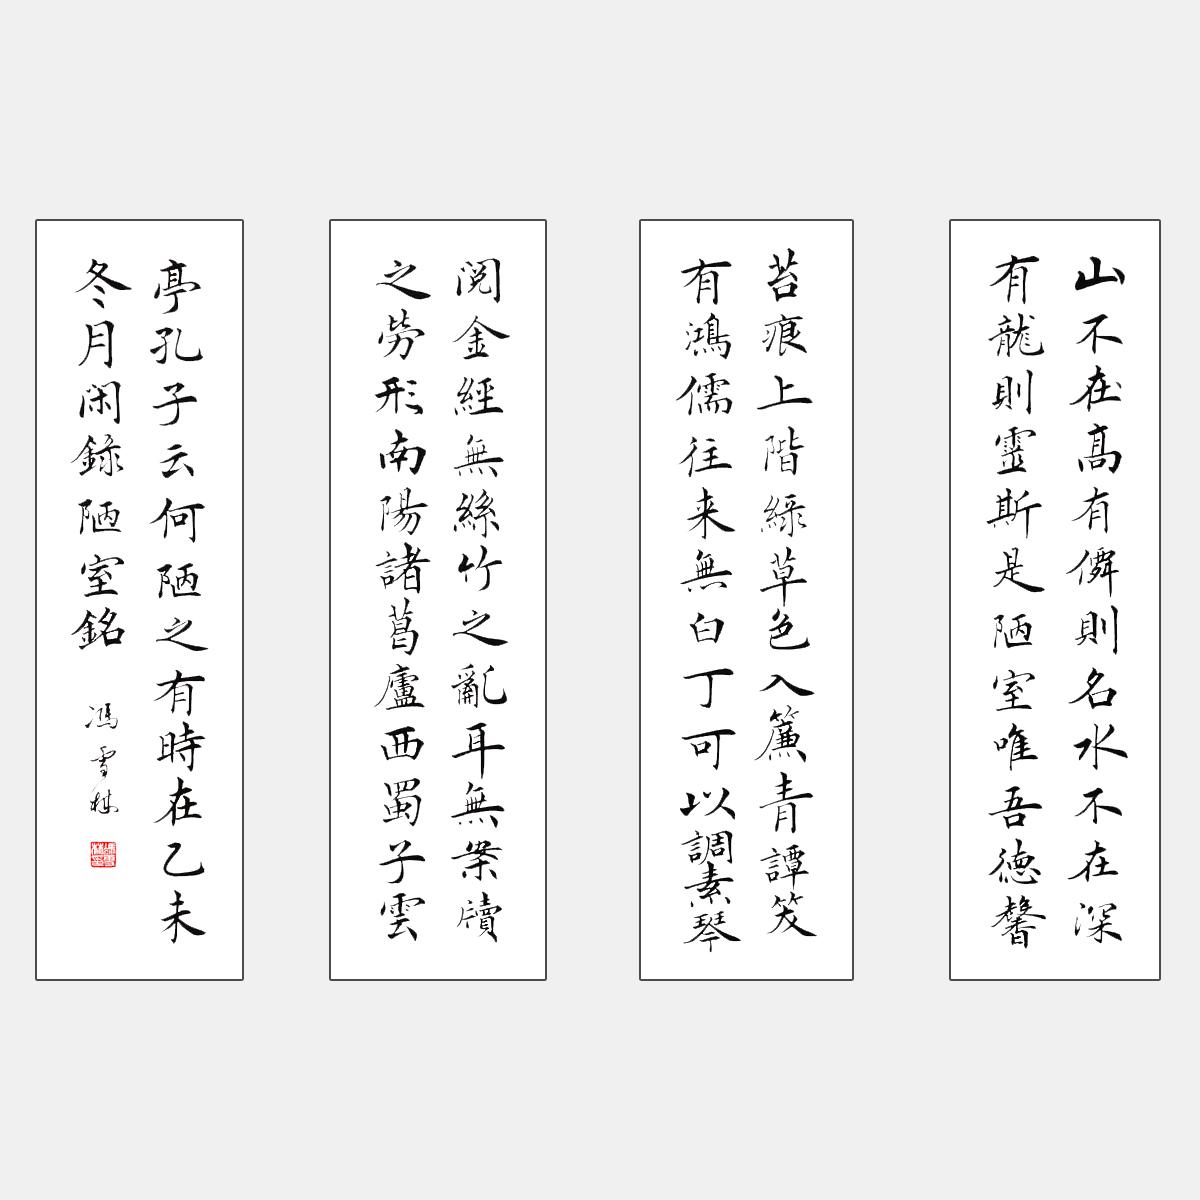 刘禹锡名篇《陋室铭》楷书 四条屏 高雅情操